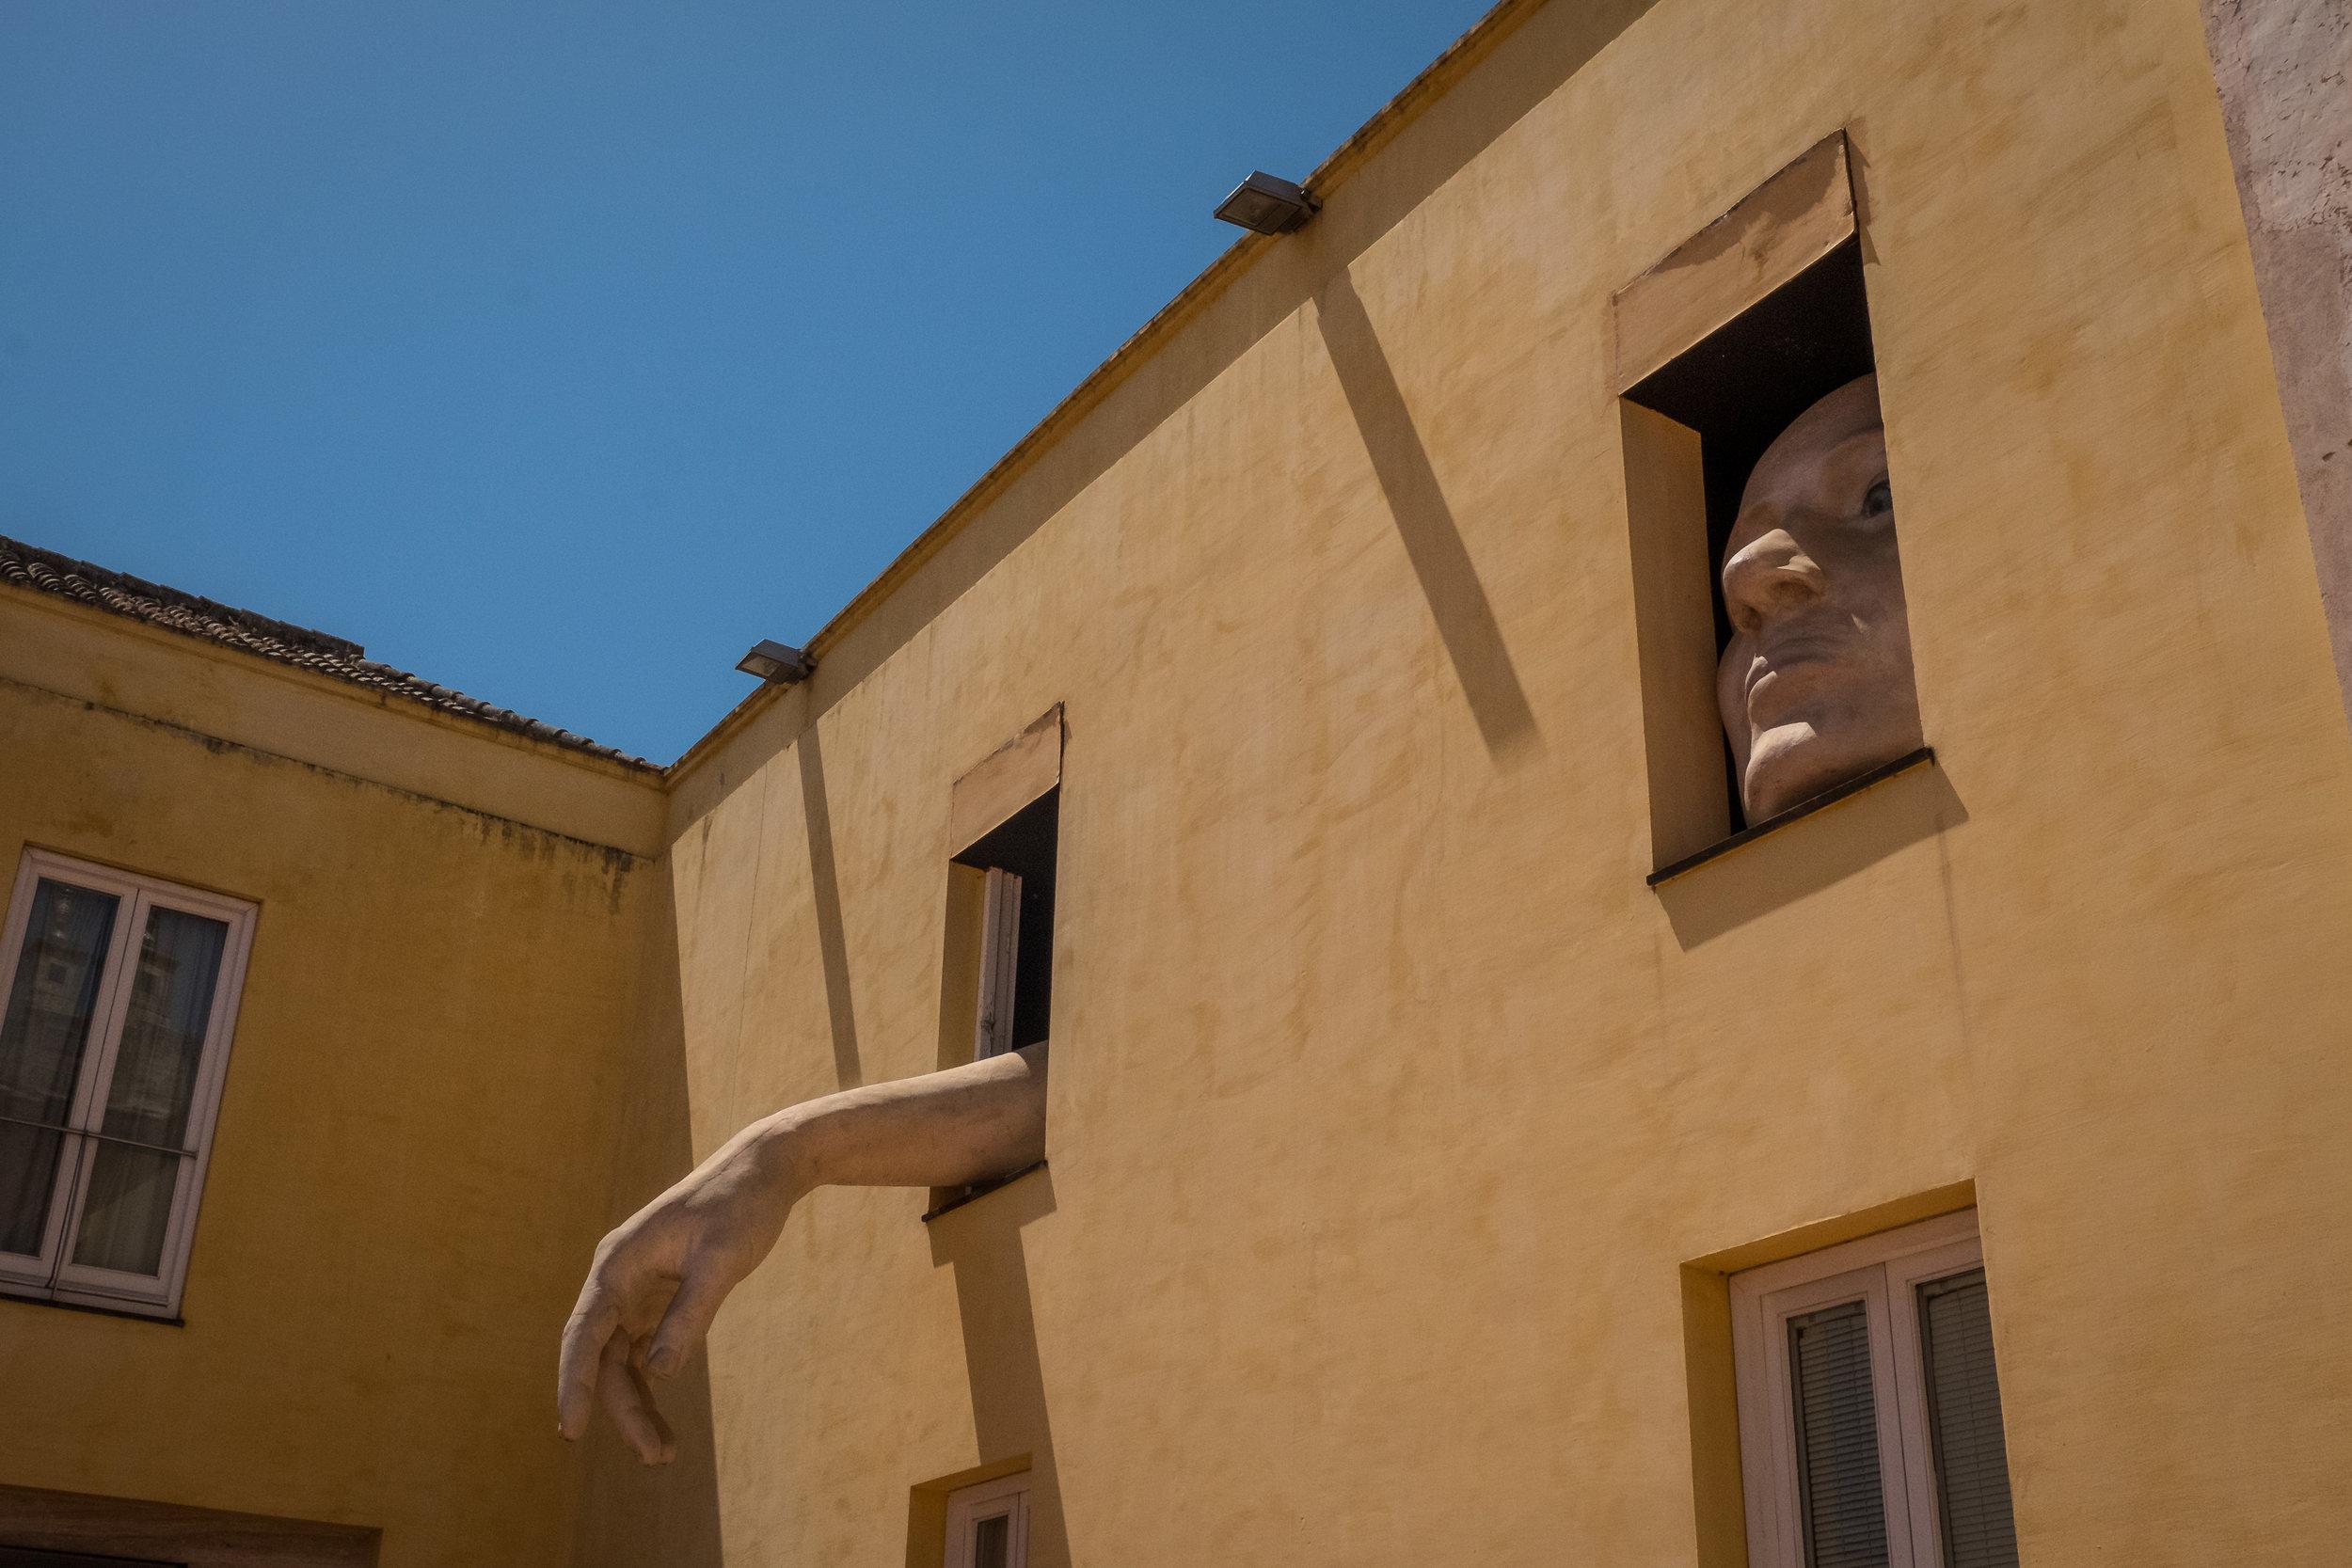 Sevilla_ceramics-8.jpg